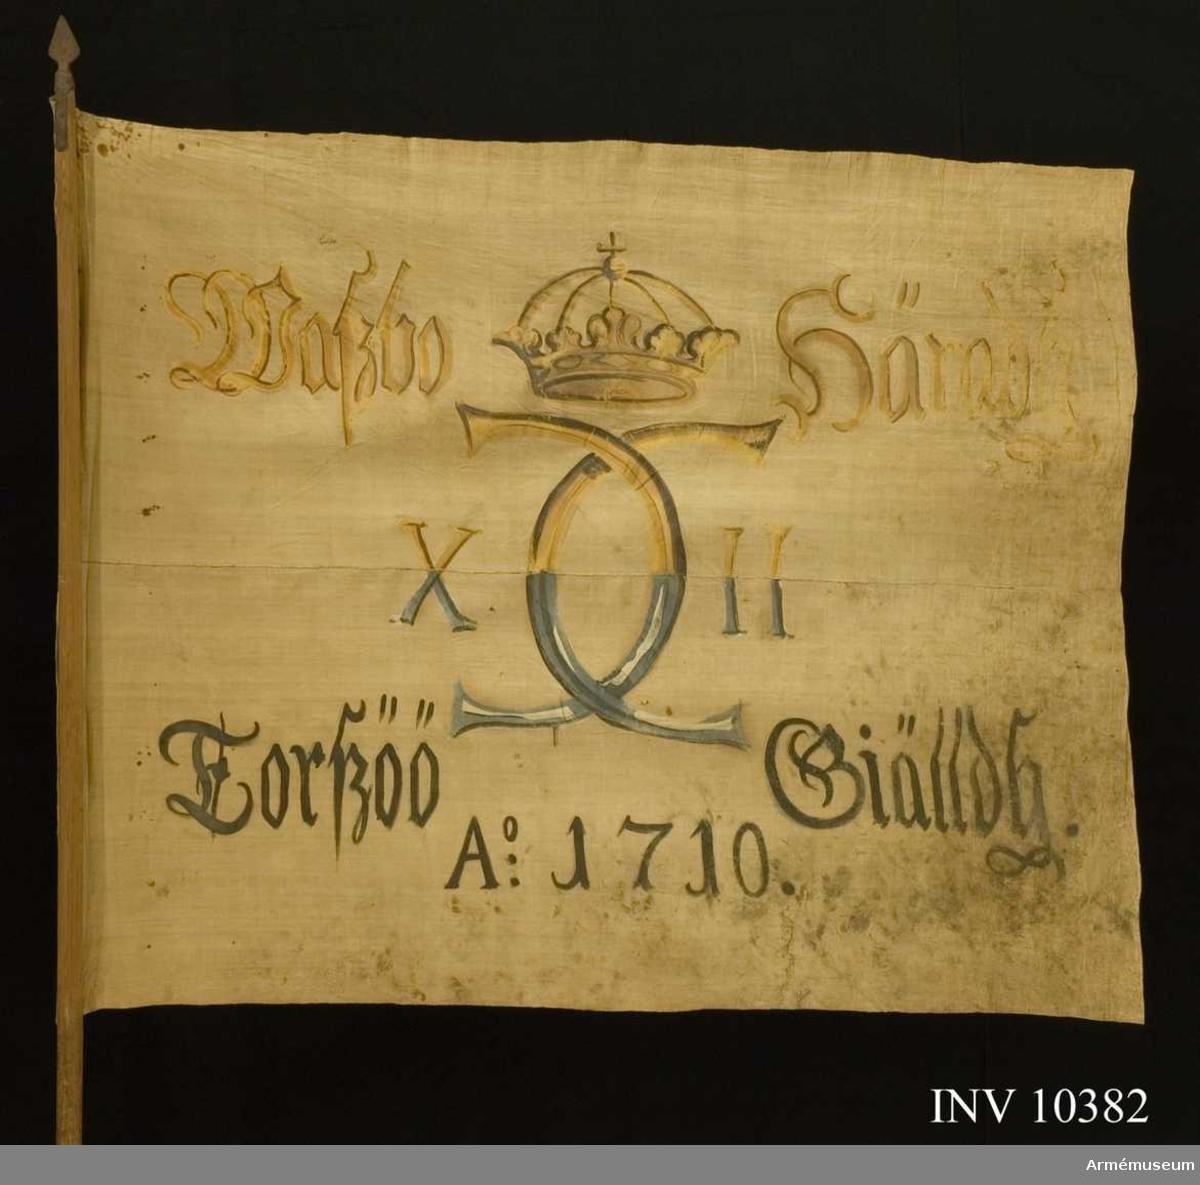 Grupp B I.  Fanduk av lärft, hopsydd av två våder, med målade emblem, lika på båda sidor, Karl XII:s namnchiffer, av sluten krona krönt spegelmonogram, avdelande siffrorna X - II. På ömse sidor om namnchiffret: Waszbo Häradh - Torszöö Giälldh och därunder A:o 1710. Målningen på övre halvan gul och brun, på nedre halvan blå  med svart skuggning. Fastspikad direkt på stången utan lindning  och rem. Stång av furu, brunmålad.Spets av järn, bladet platt, spjutlikt i ett stycke med kort holk, varifrån utgår korta skenor.